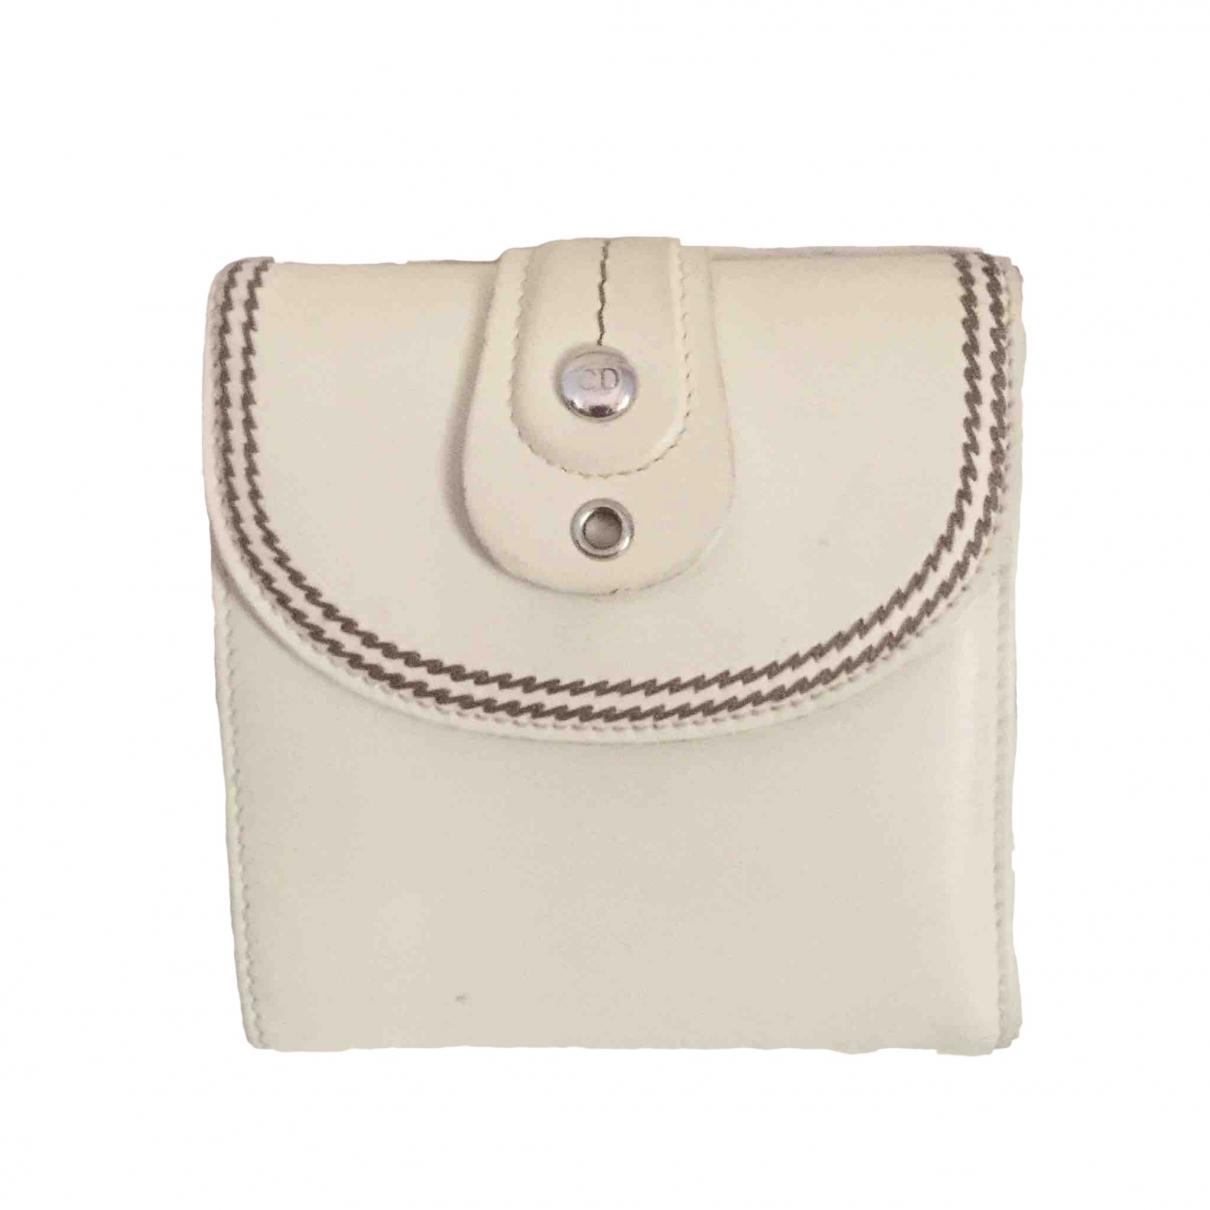 Dior \N Portemonnaie in  Beige Leder